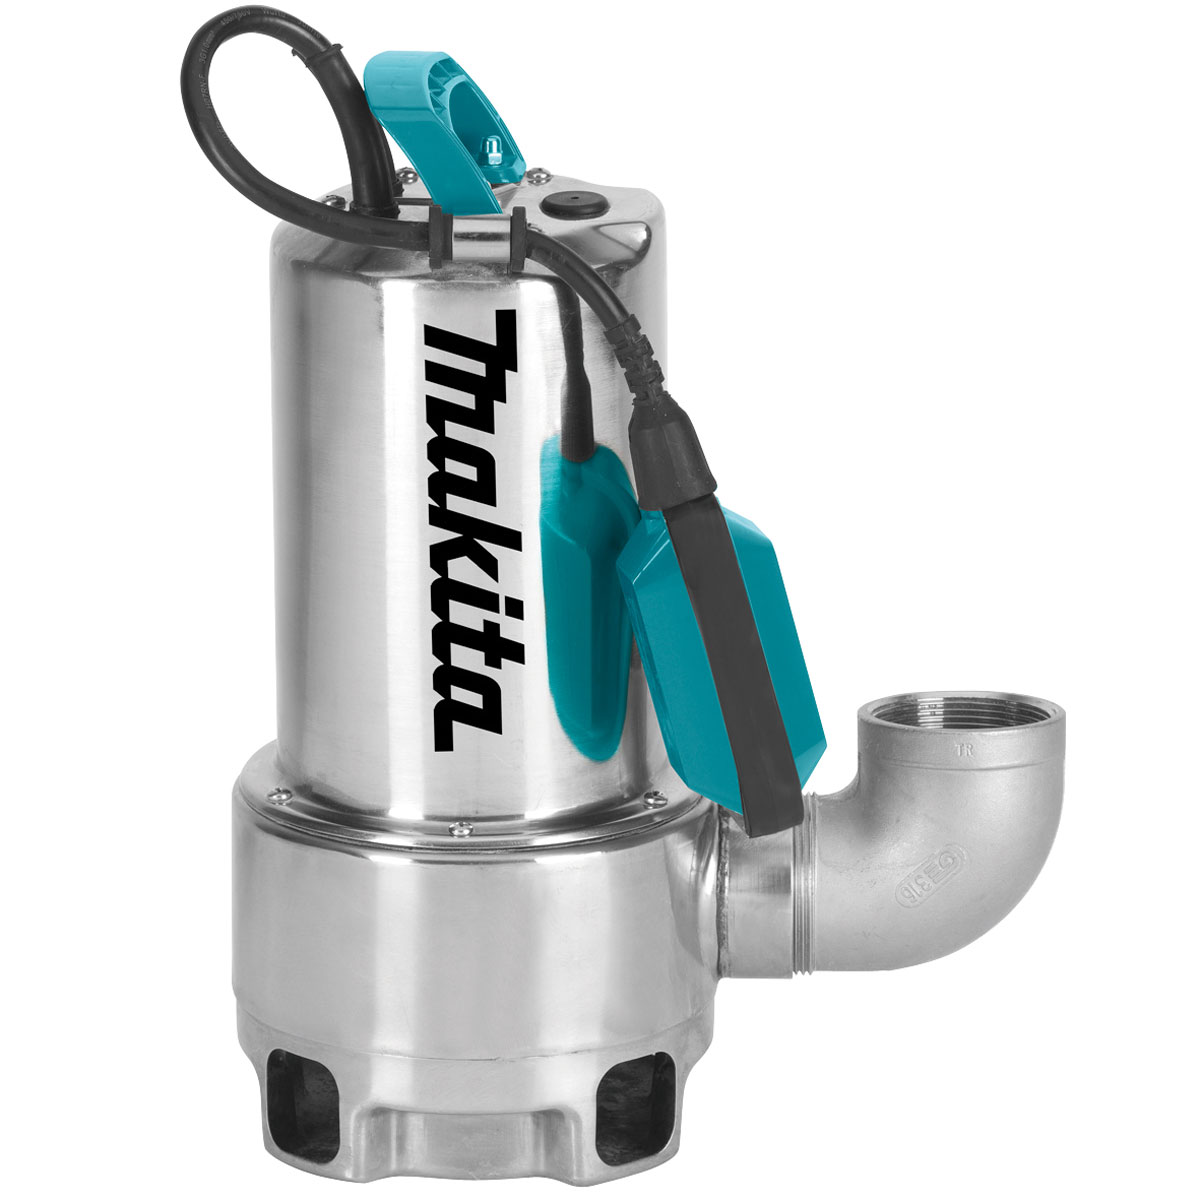 Makita PF1110 potapajuća pumpa za prljavu vodu